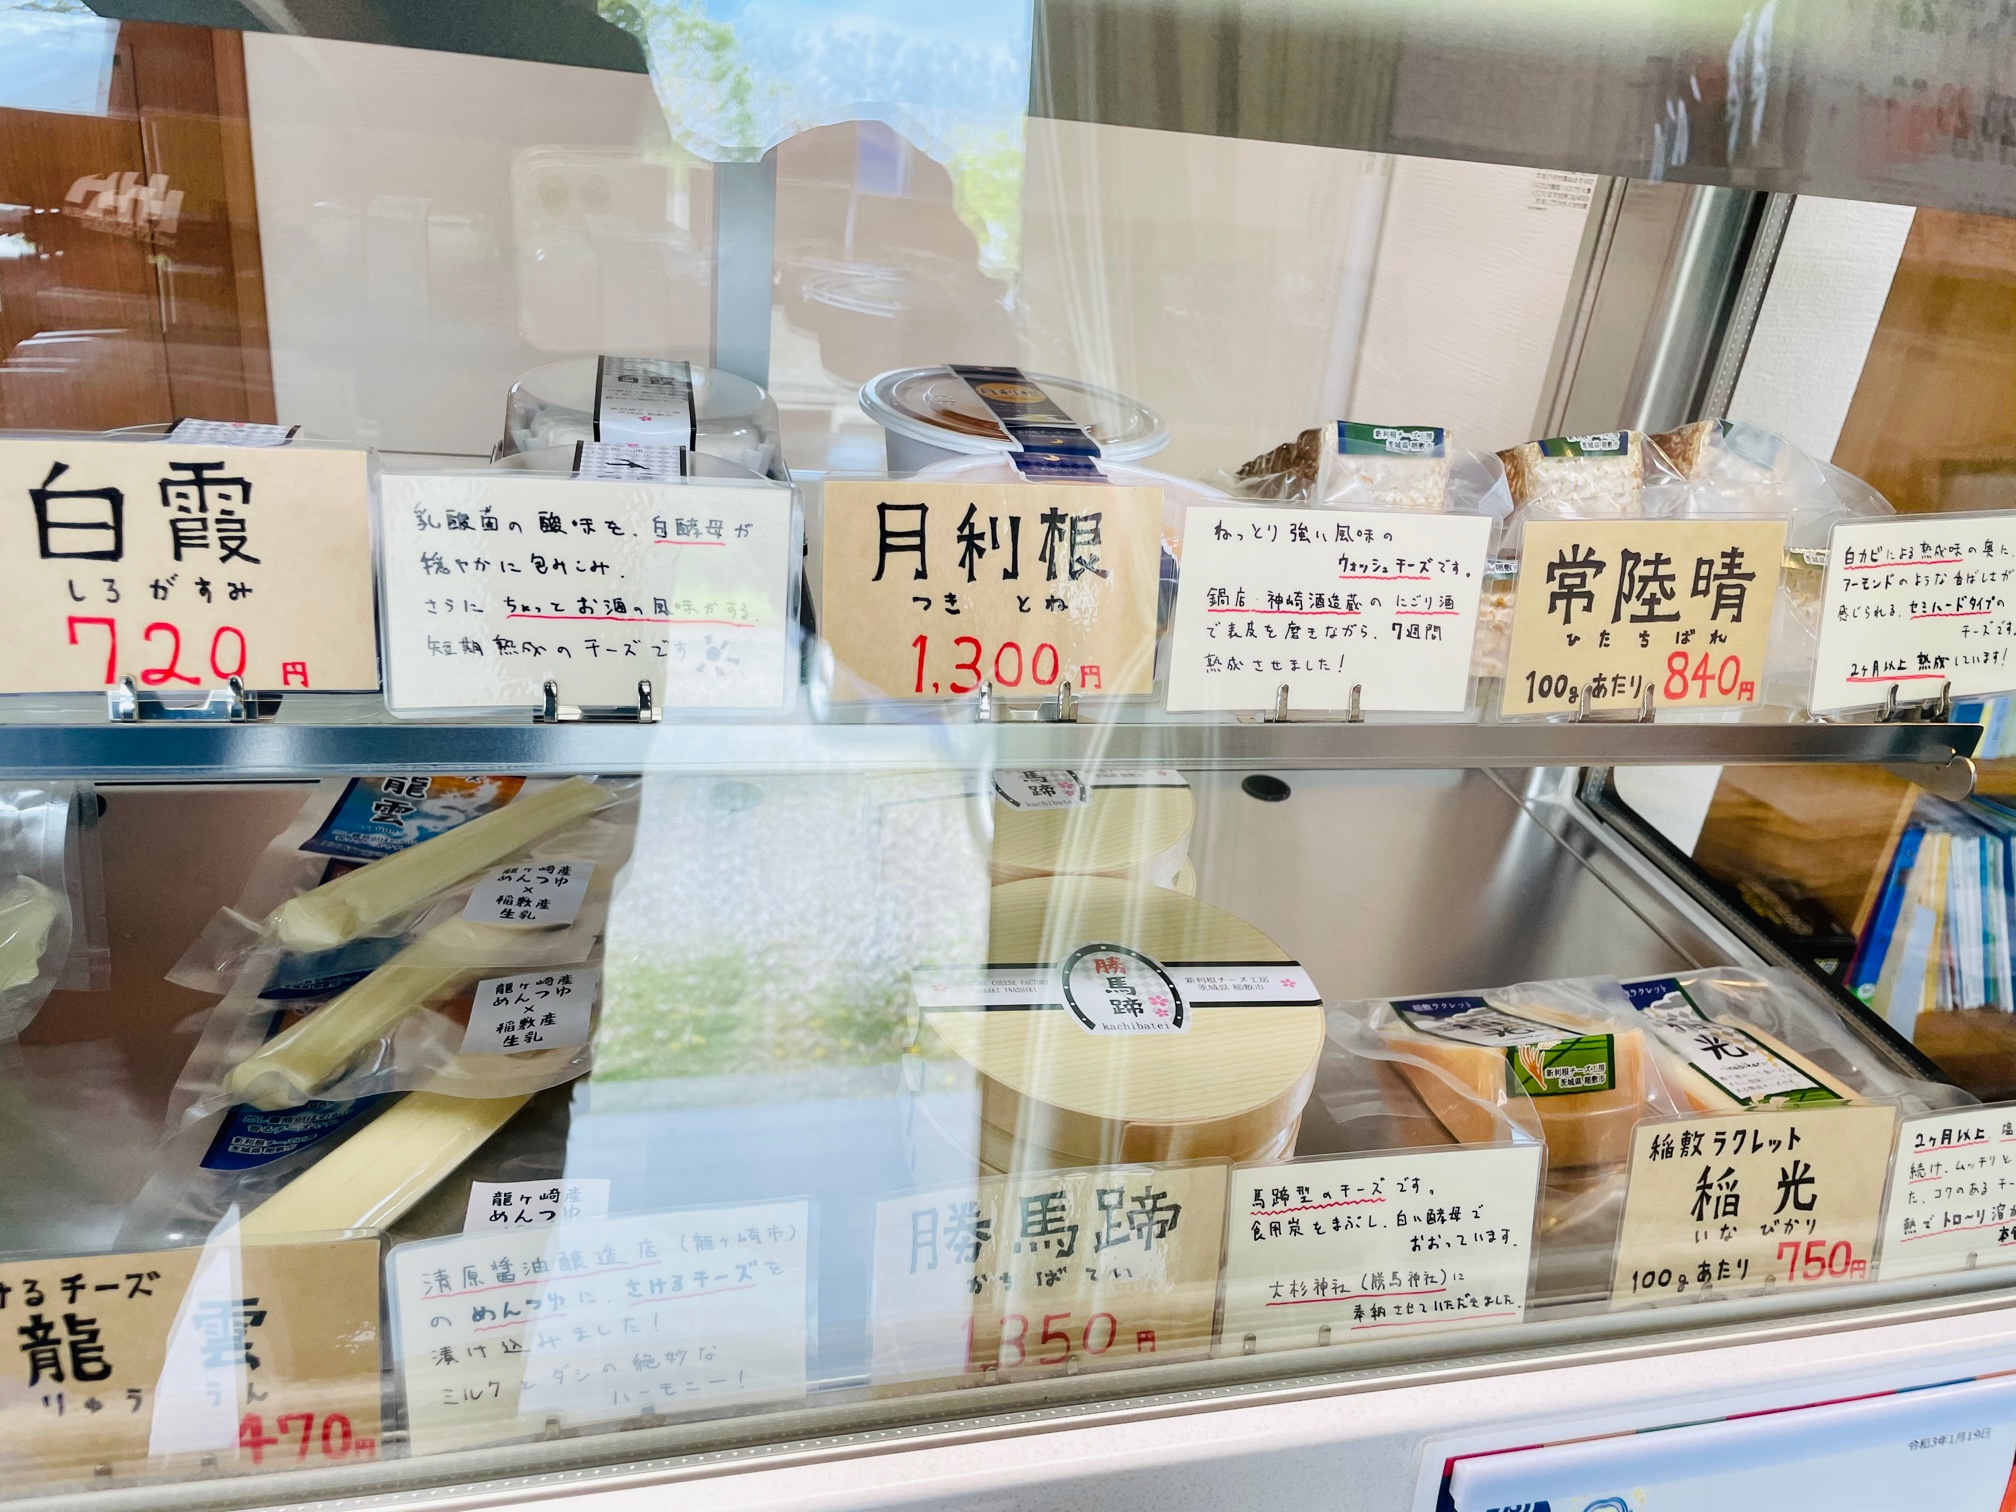 新利根チーズ工房のチーズ